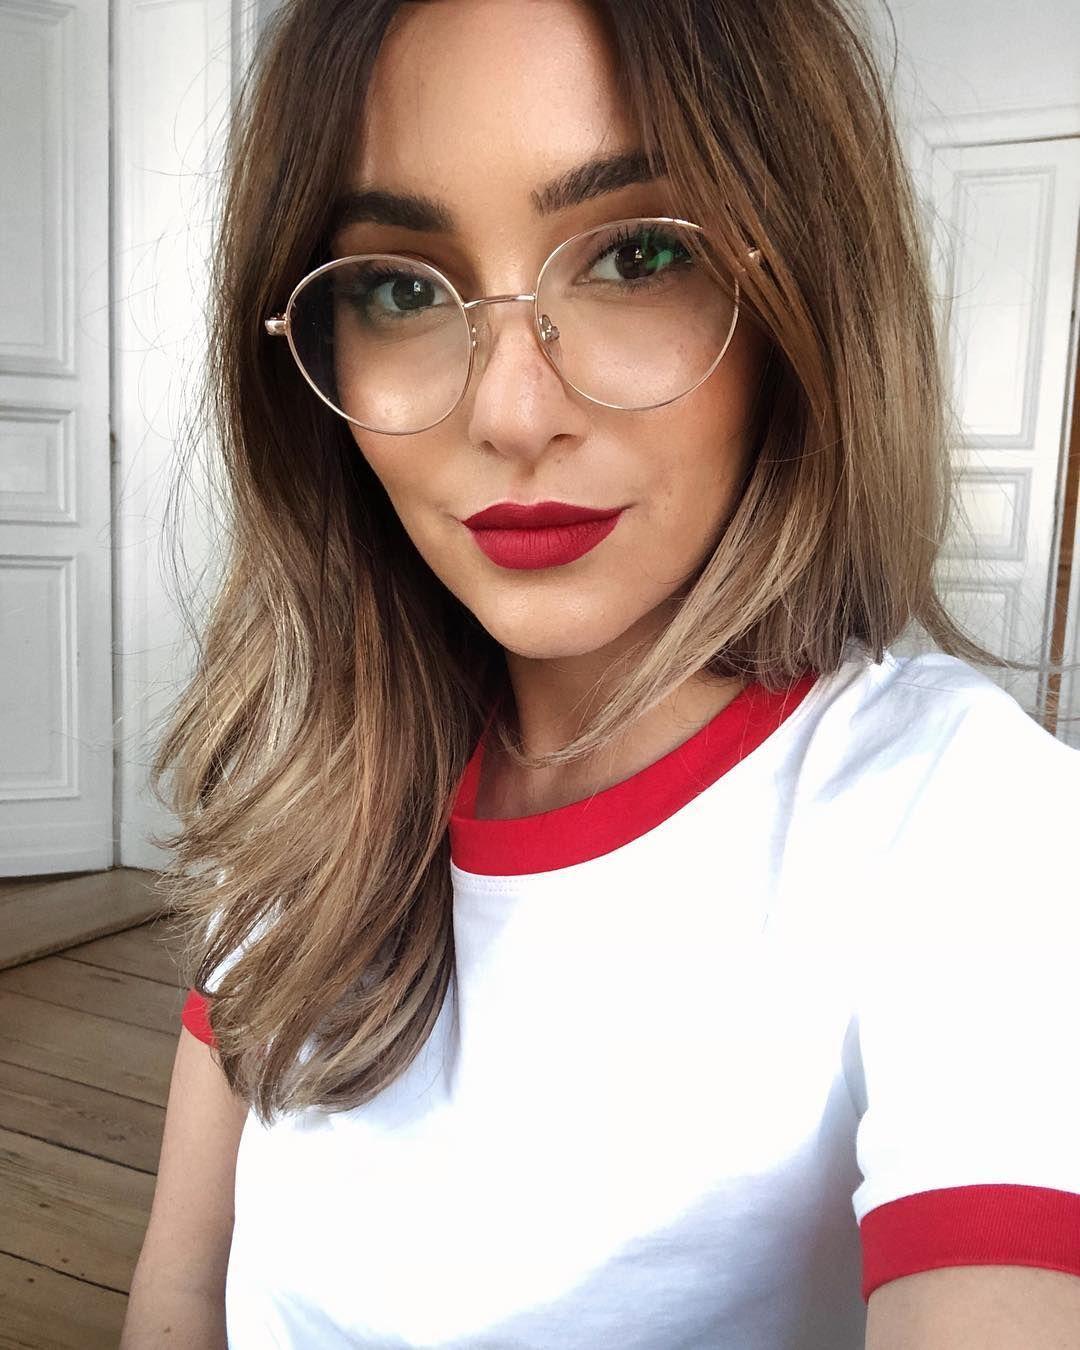 Photo of Brillen-Trends 2019: Mit diesen Brillen, wirst du dieses Jahr zum Stilvorbild! #latestfashionforwomen